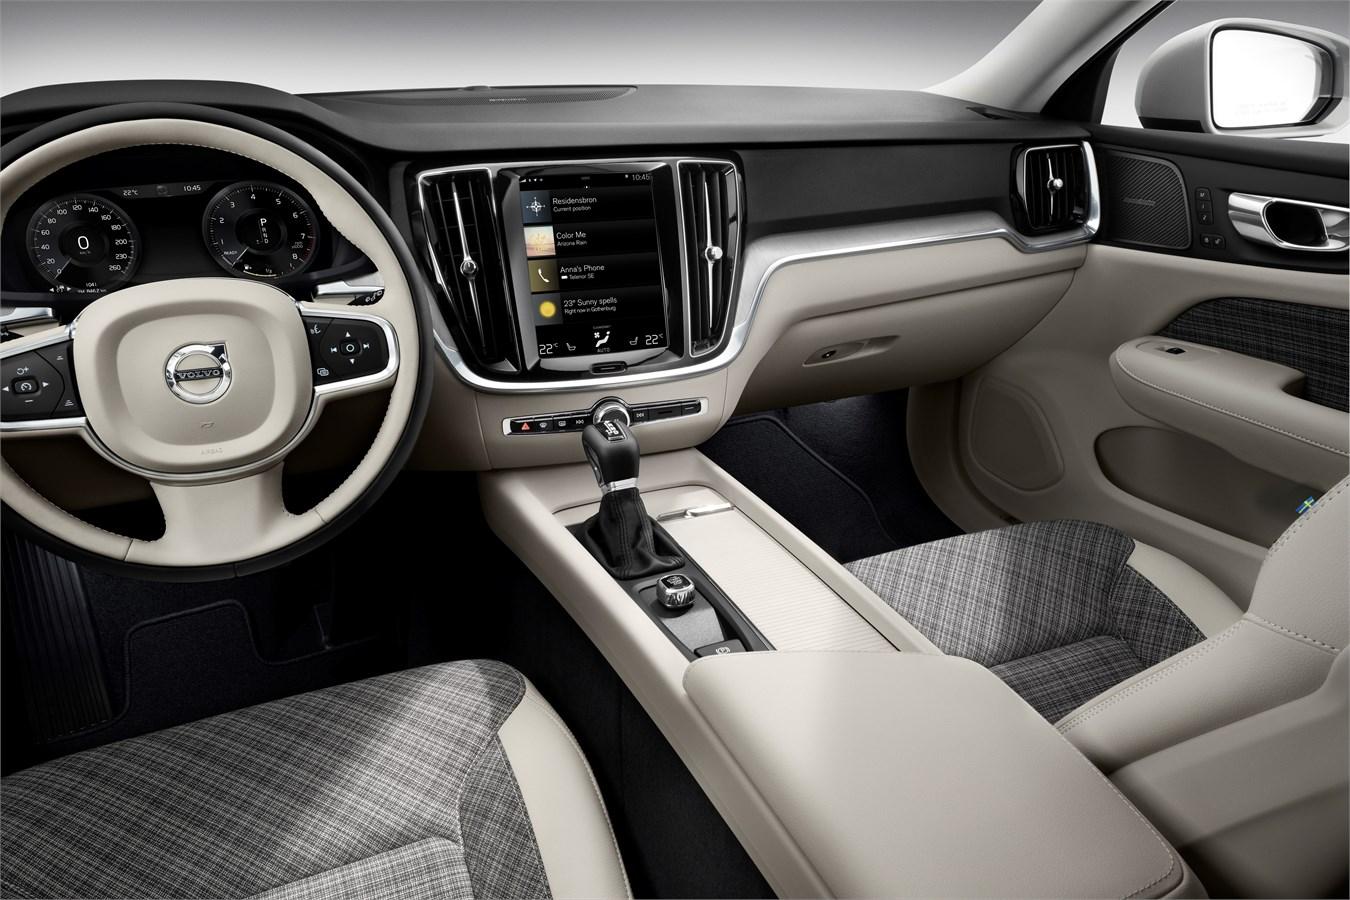 Vorstellung: Der Volvo V60 der 2.Generation ist da! - SCANDICSTEEL